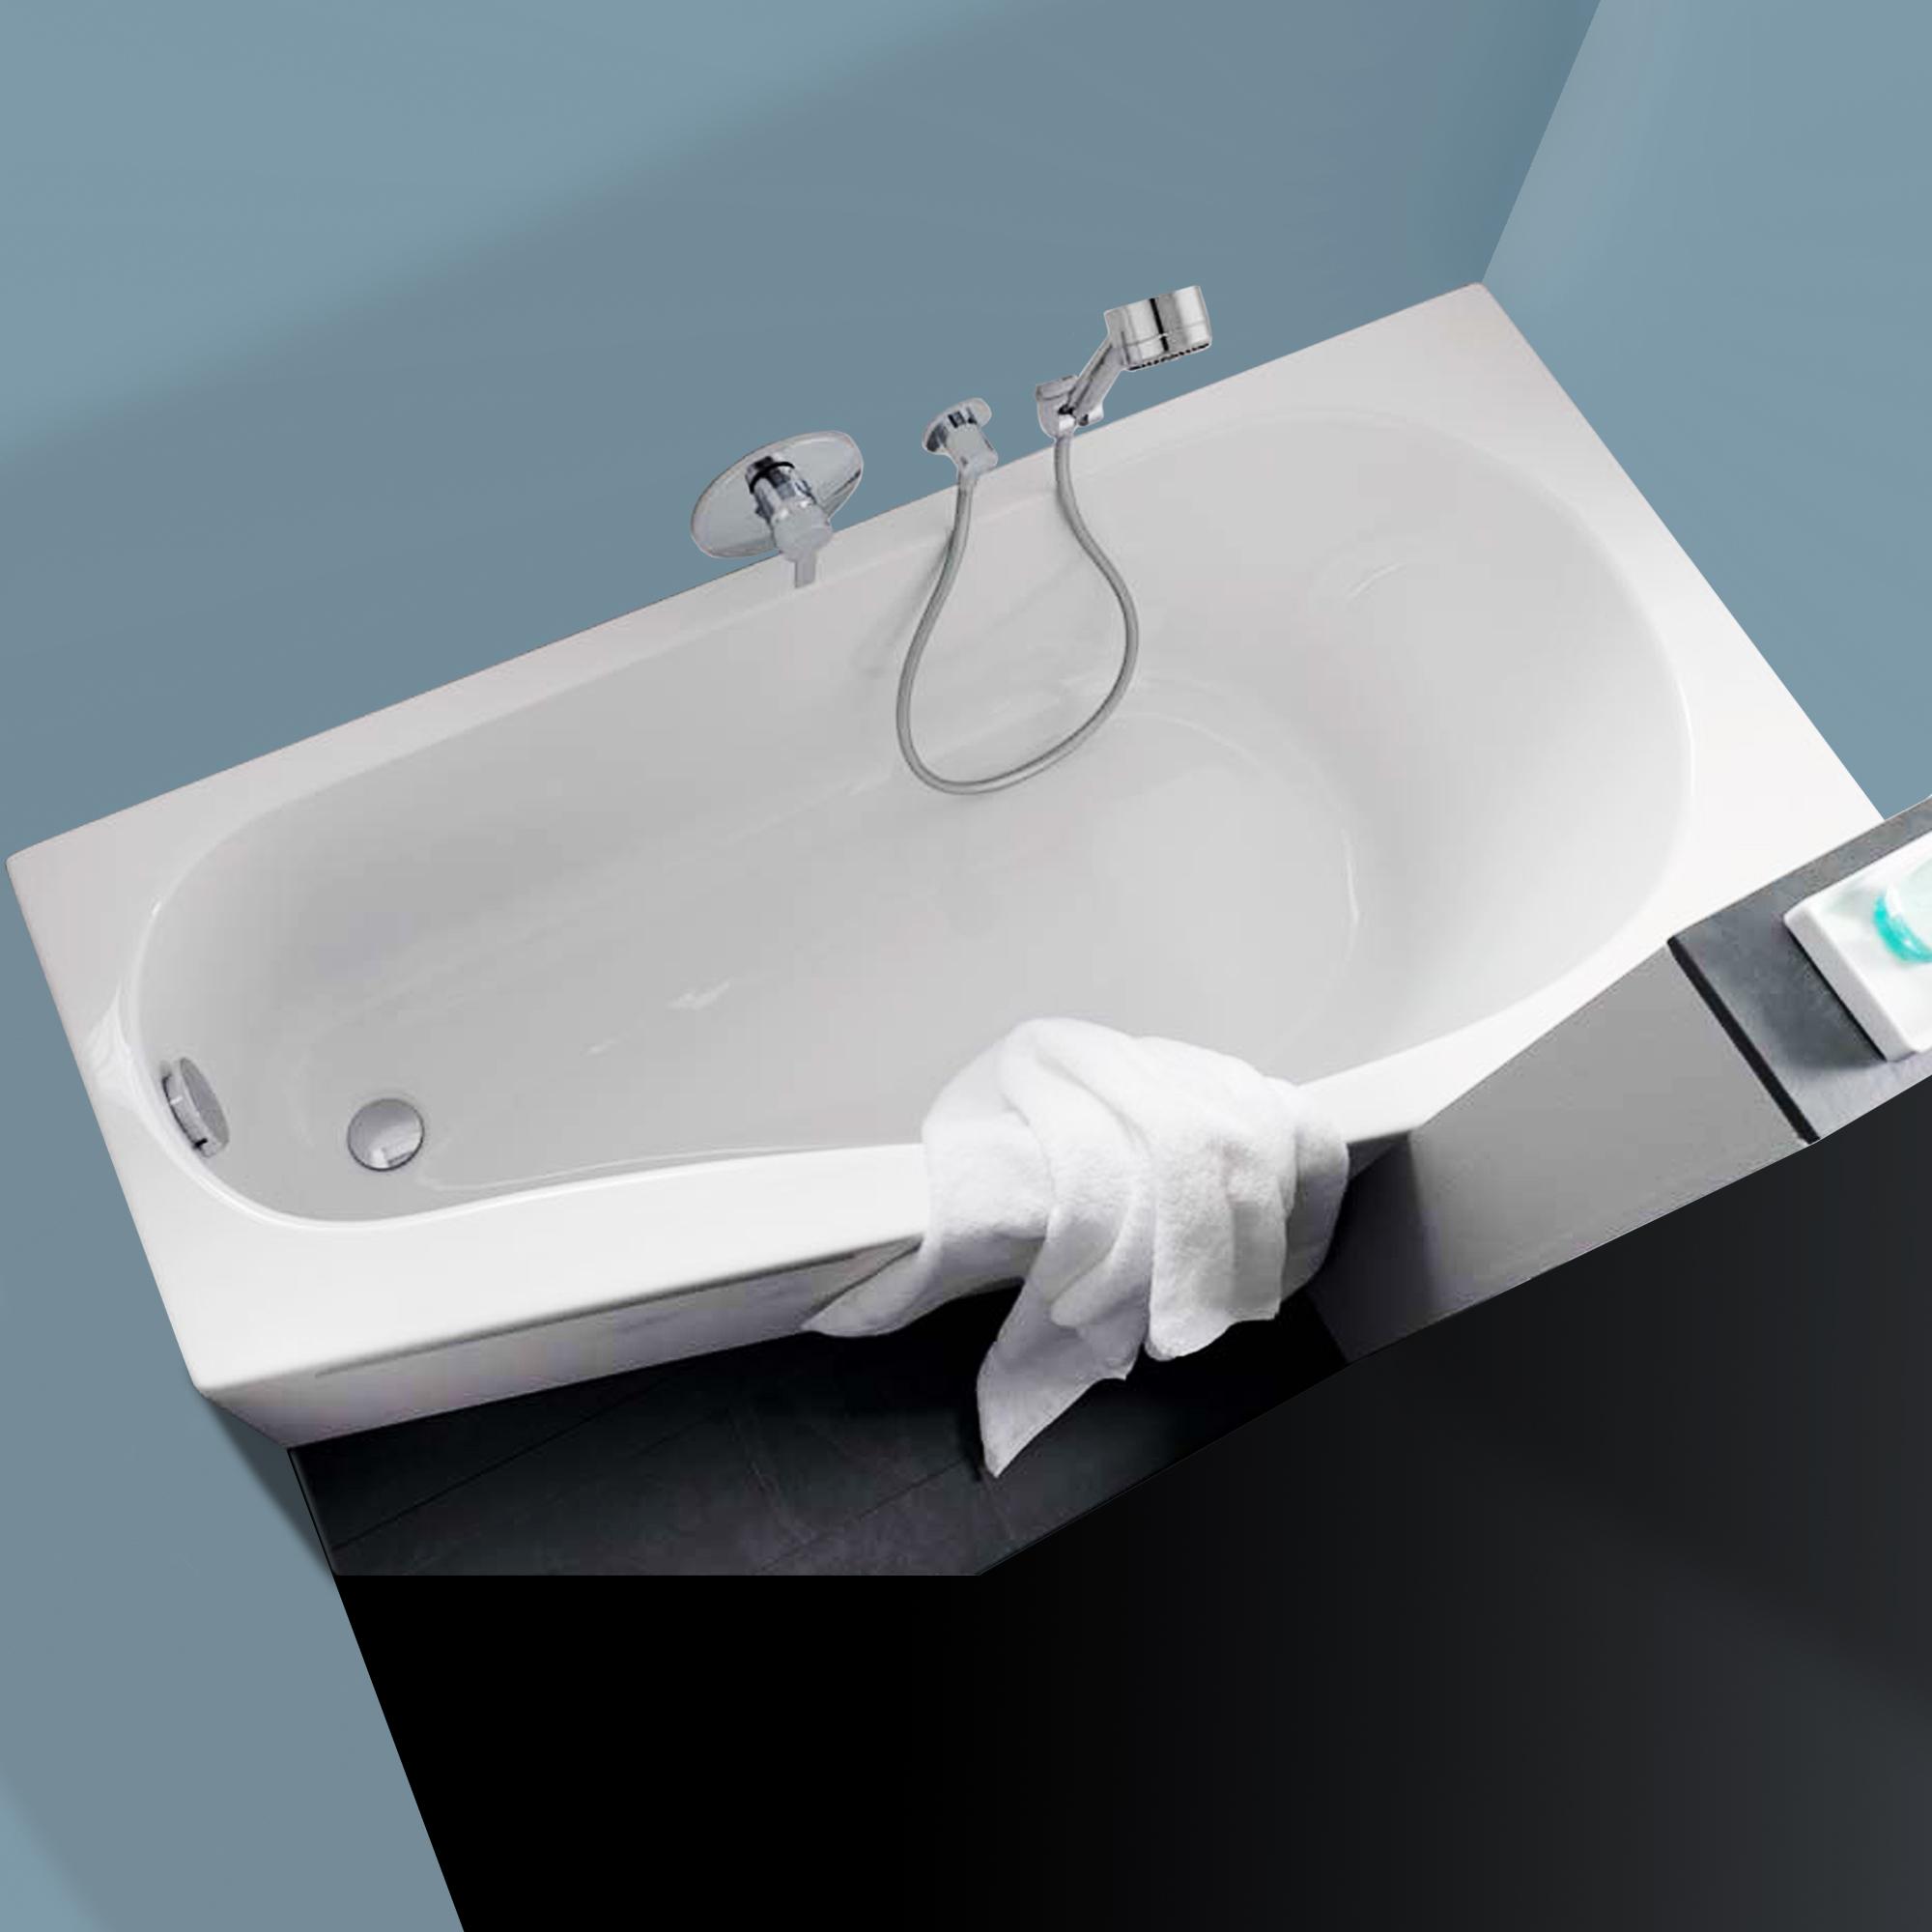 keramag renova nr 1 comprimo raumspar badewanne links wei 657261000 reuter onlineshop. Black Bedroom Furniture Sets. Home Design Ideas